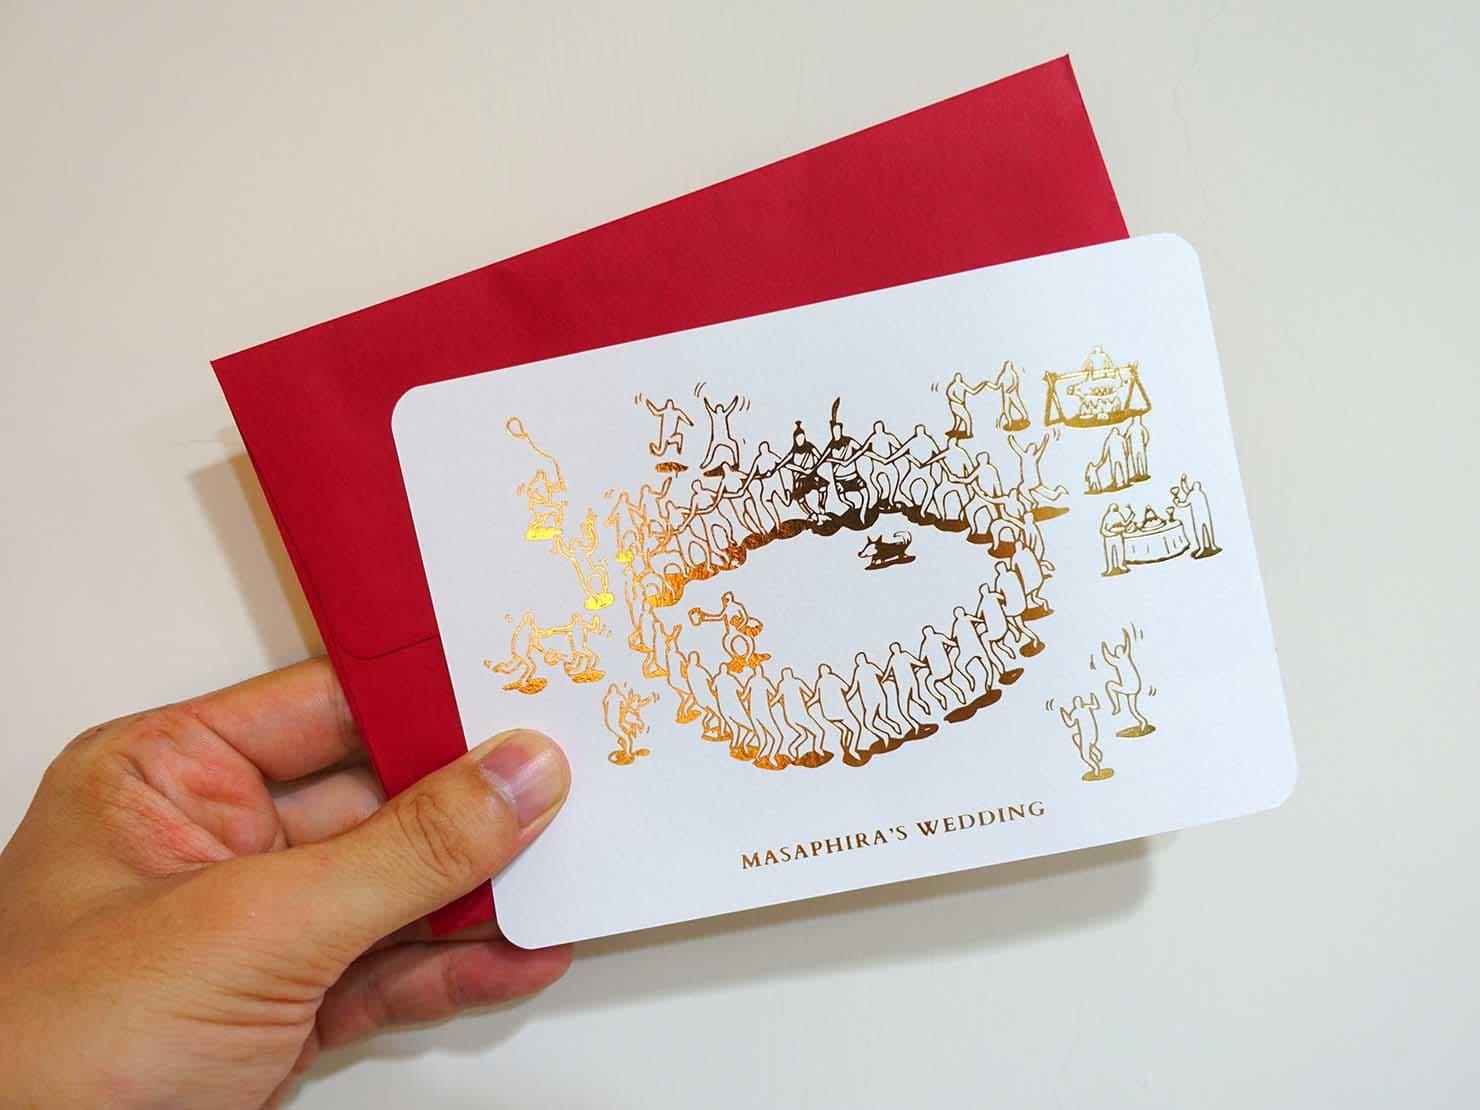 台湾の結婚式招待状「喜帖」